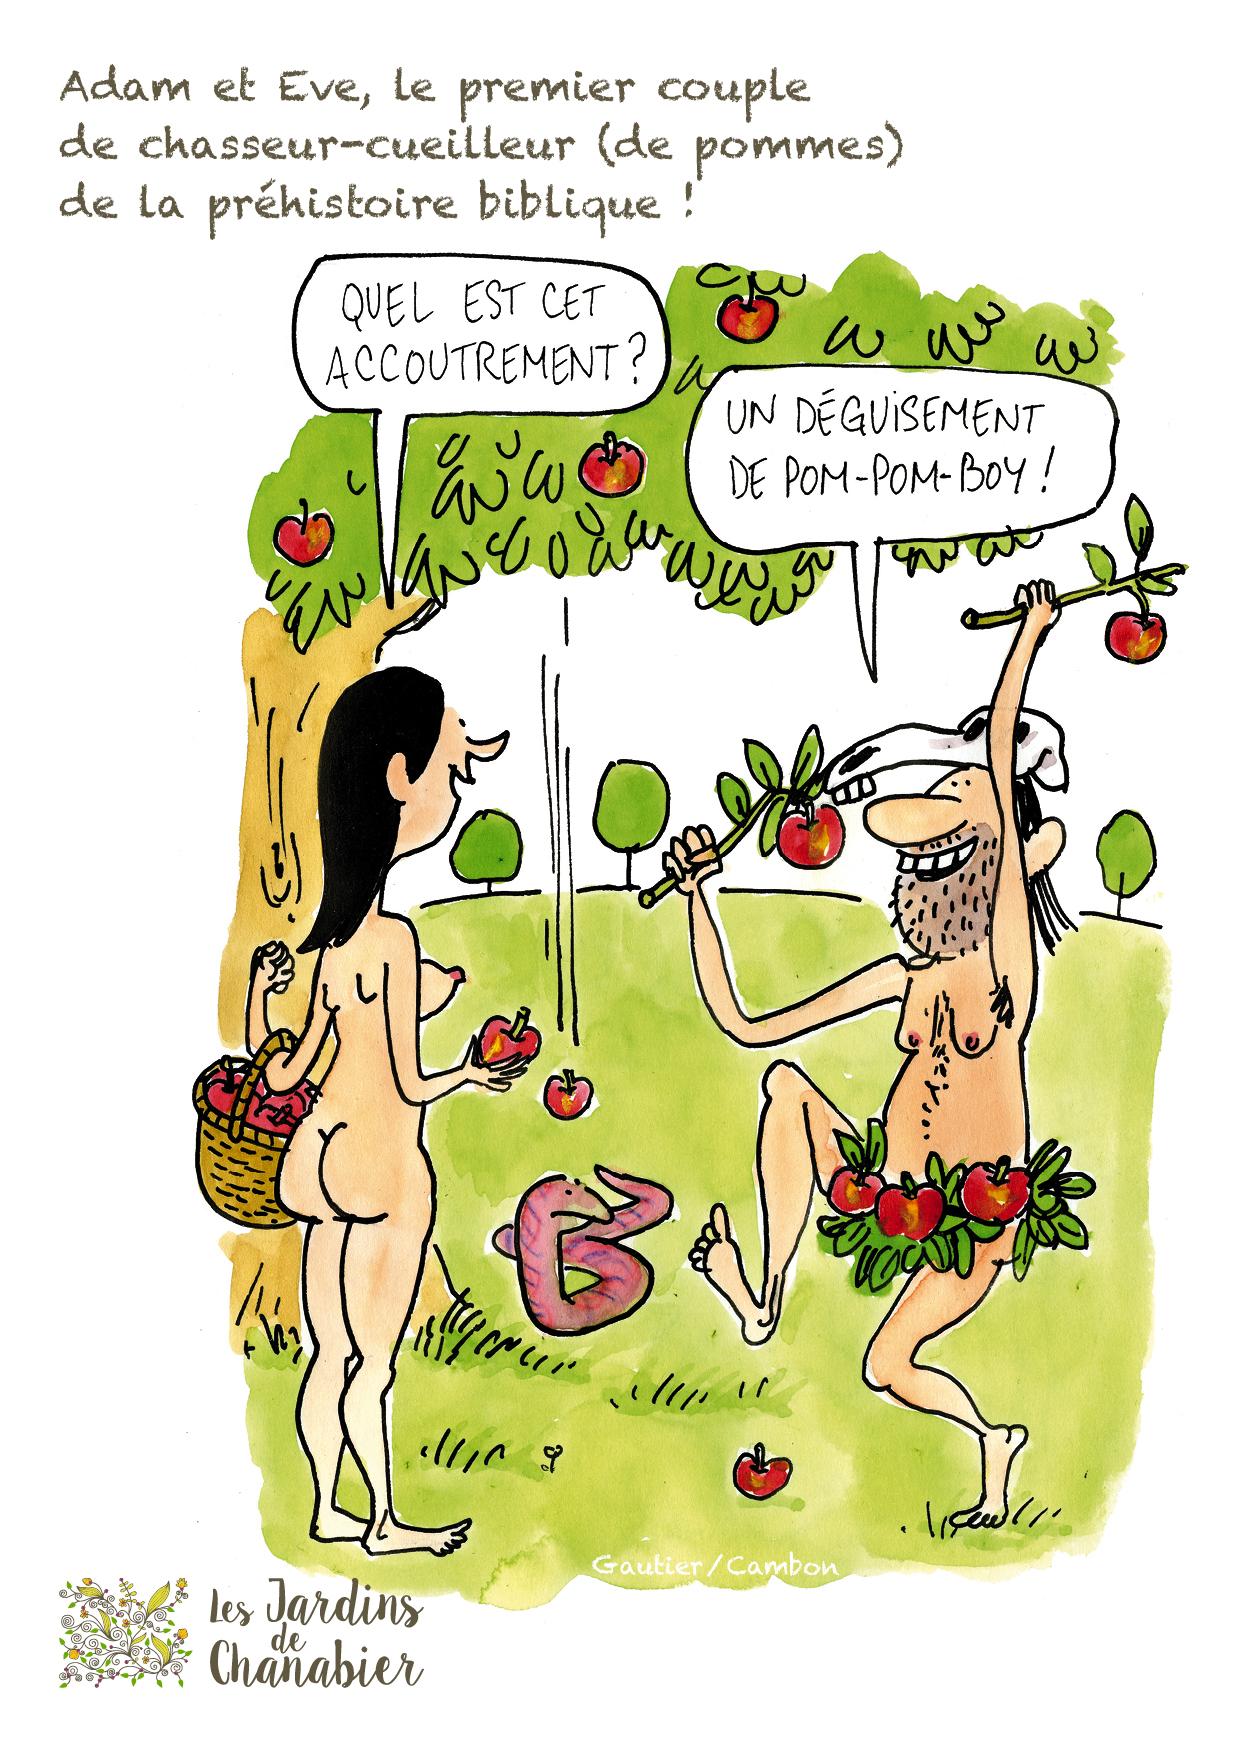 Cartes humoristiques des plantes de la Bible réalisée par Alamarge Production en exclusivité pour Les Jardins de Chanabier